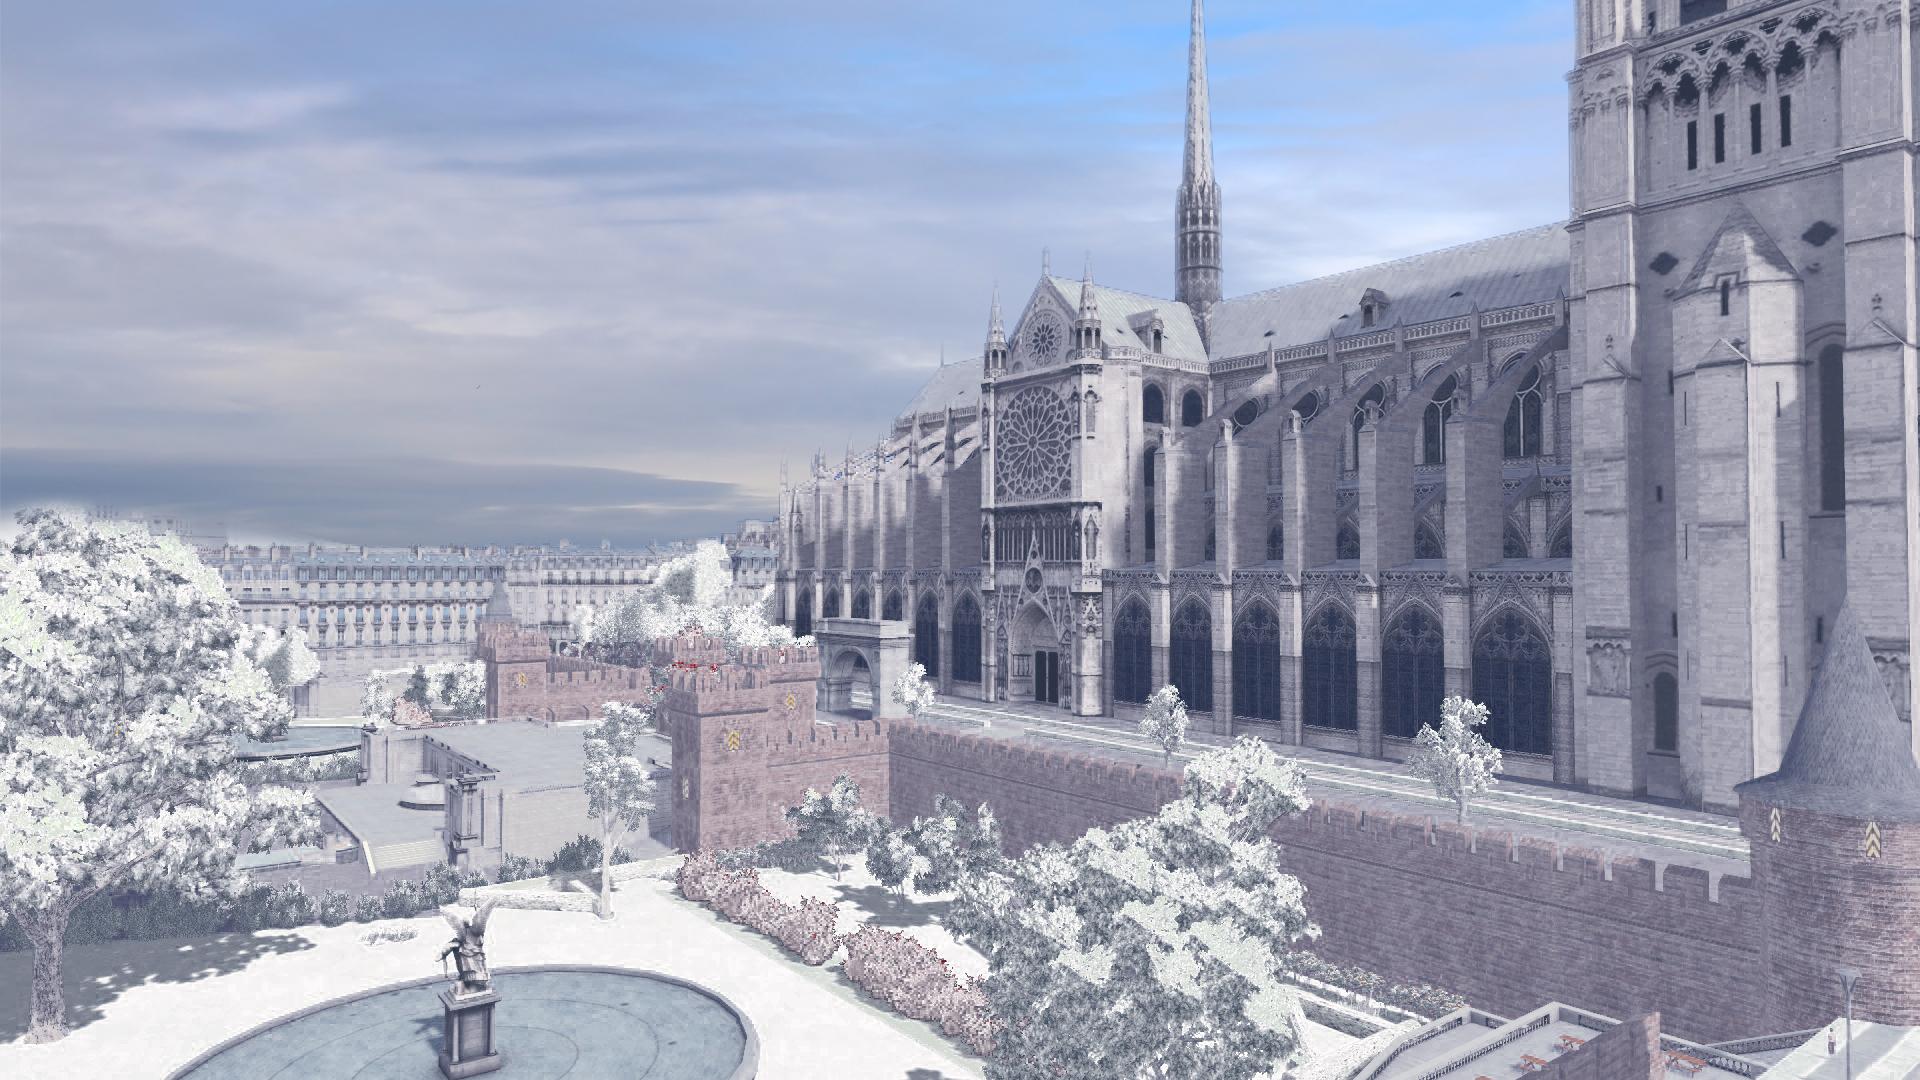 Duels de villes: Saint Pol vs Arrabel, fin le 28 juillet  Full?d=1482404758